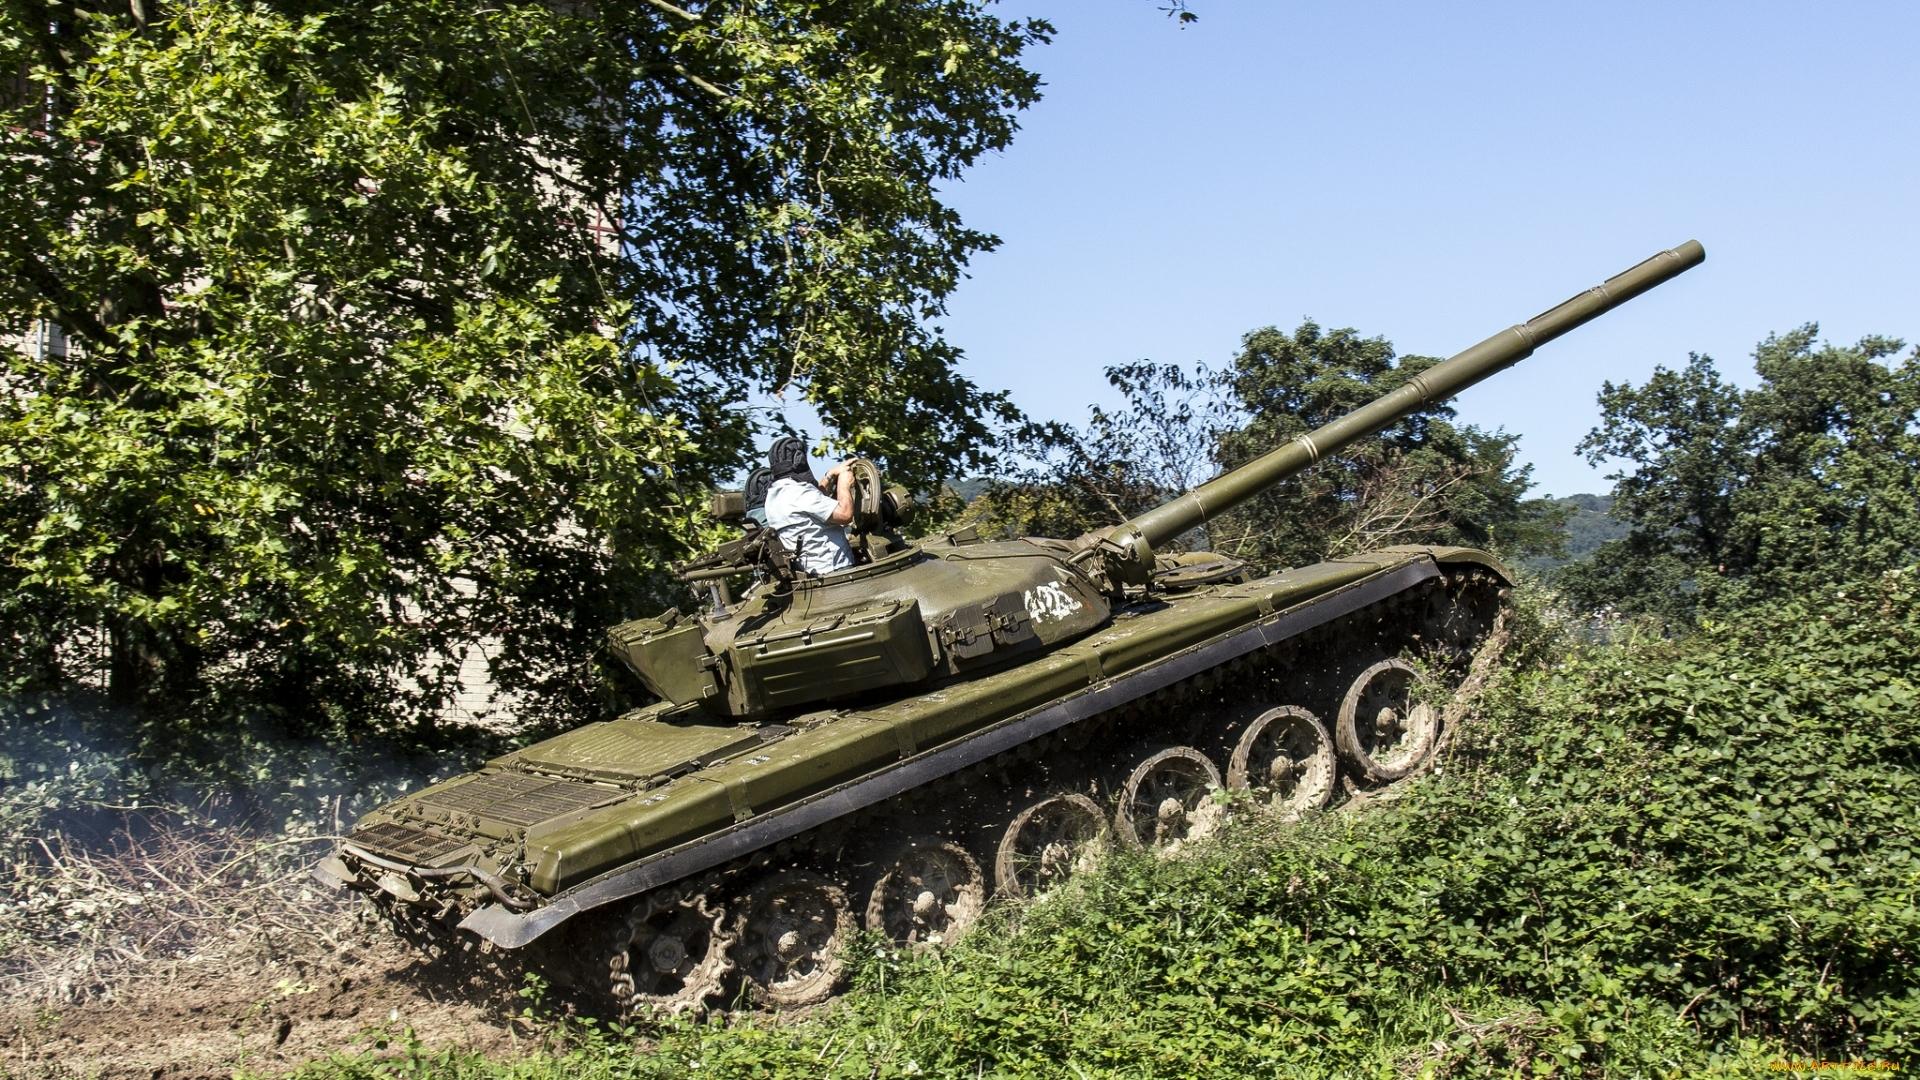 На алжирском танке нет динамической защиты